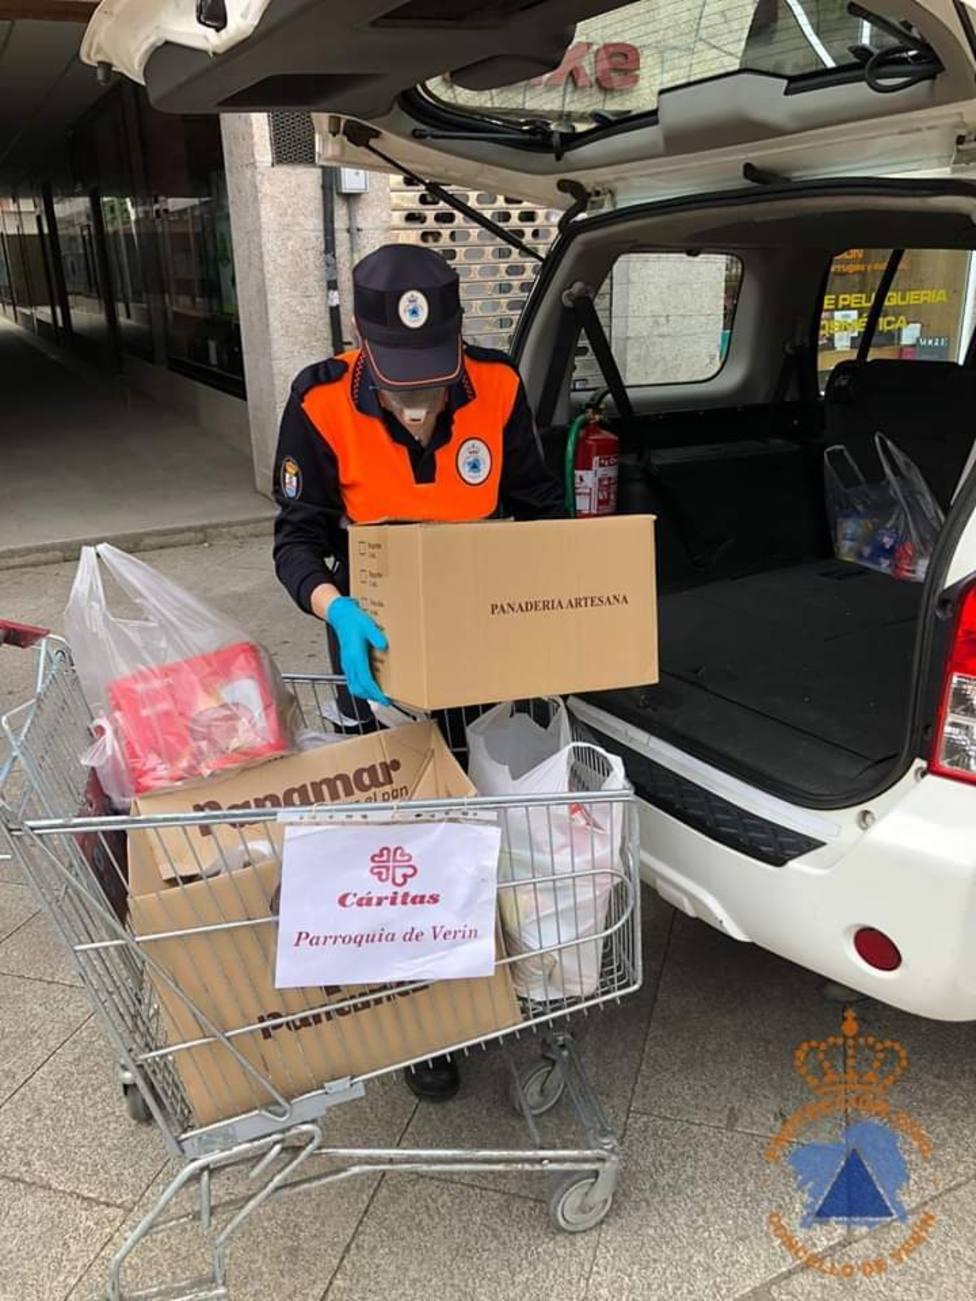 Un voluntario de Protección Civil de Verín prepara el reparto de alimentos donados a Caritas Parroquial